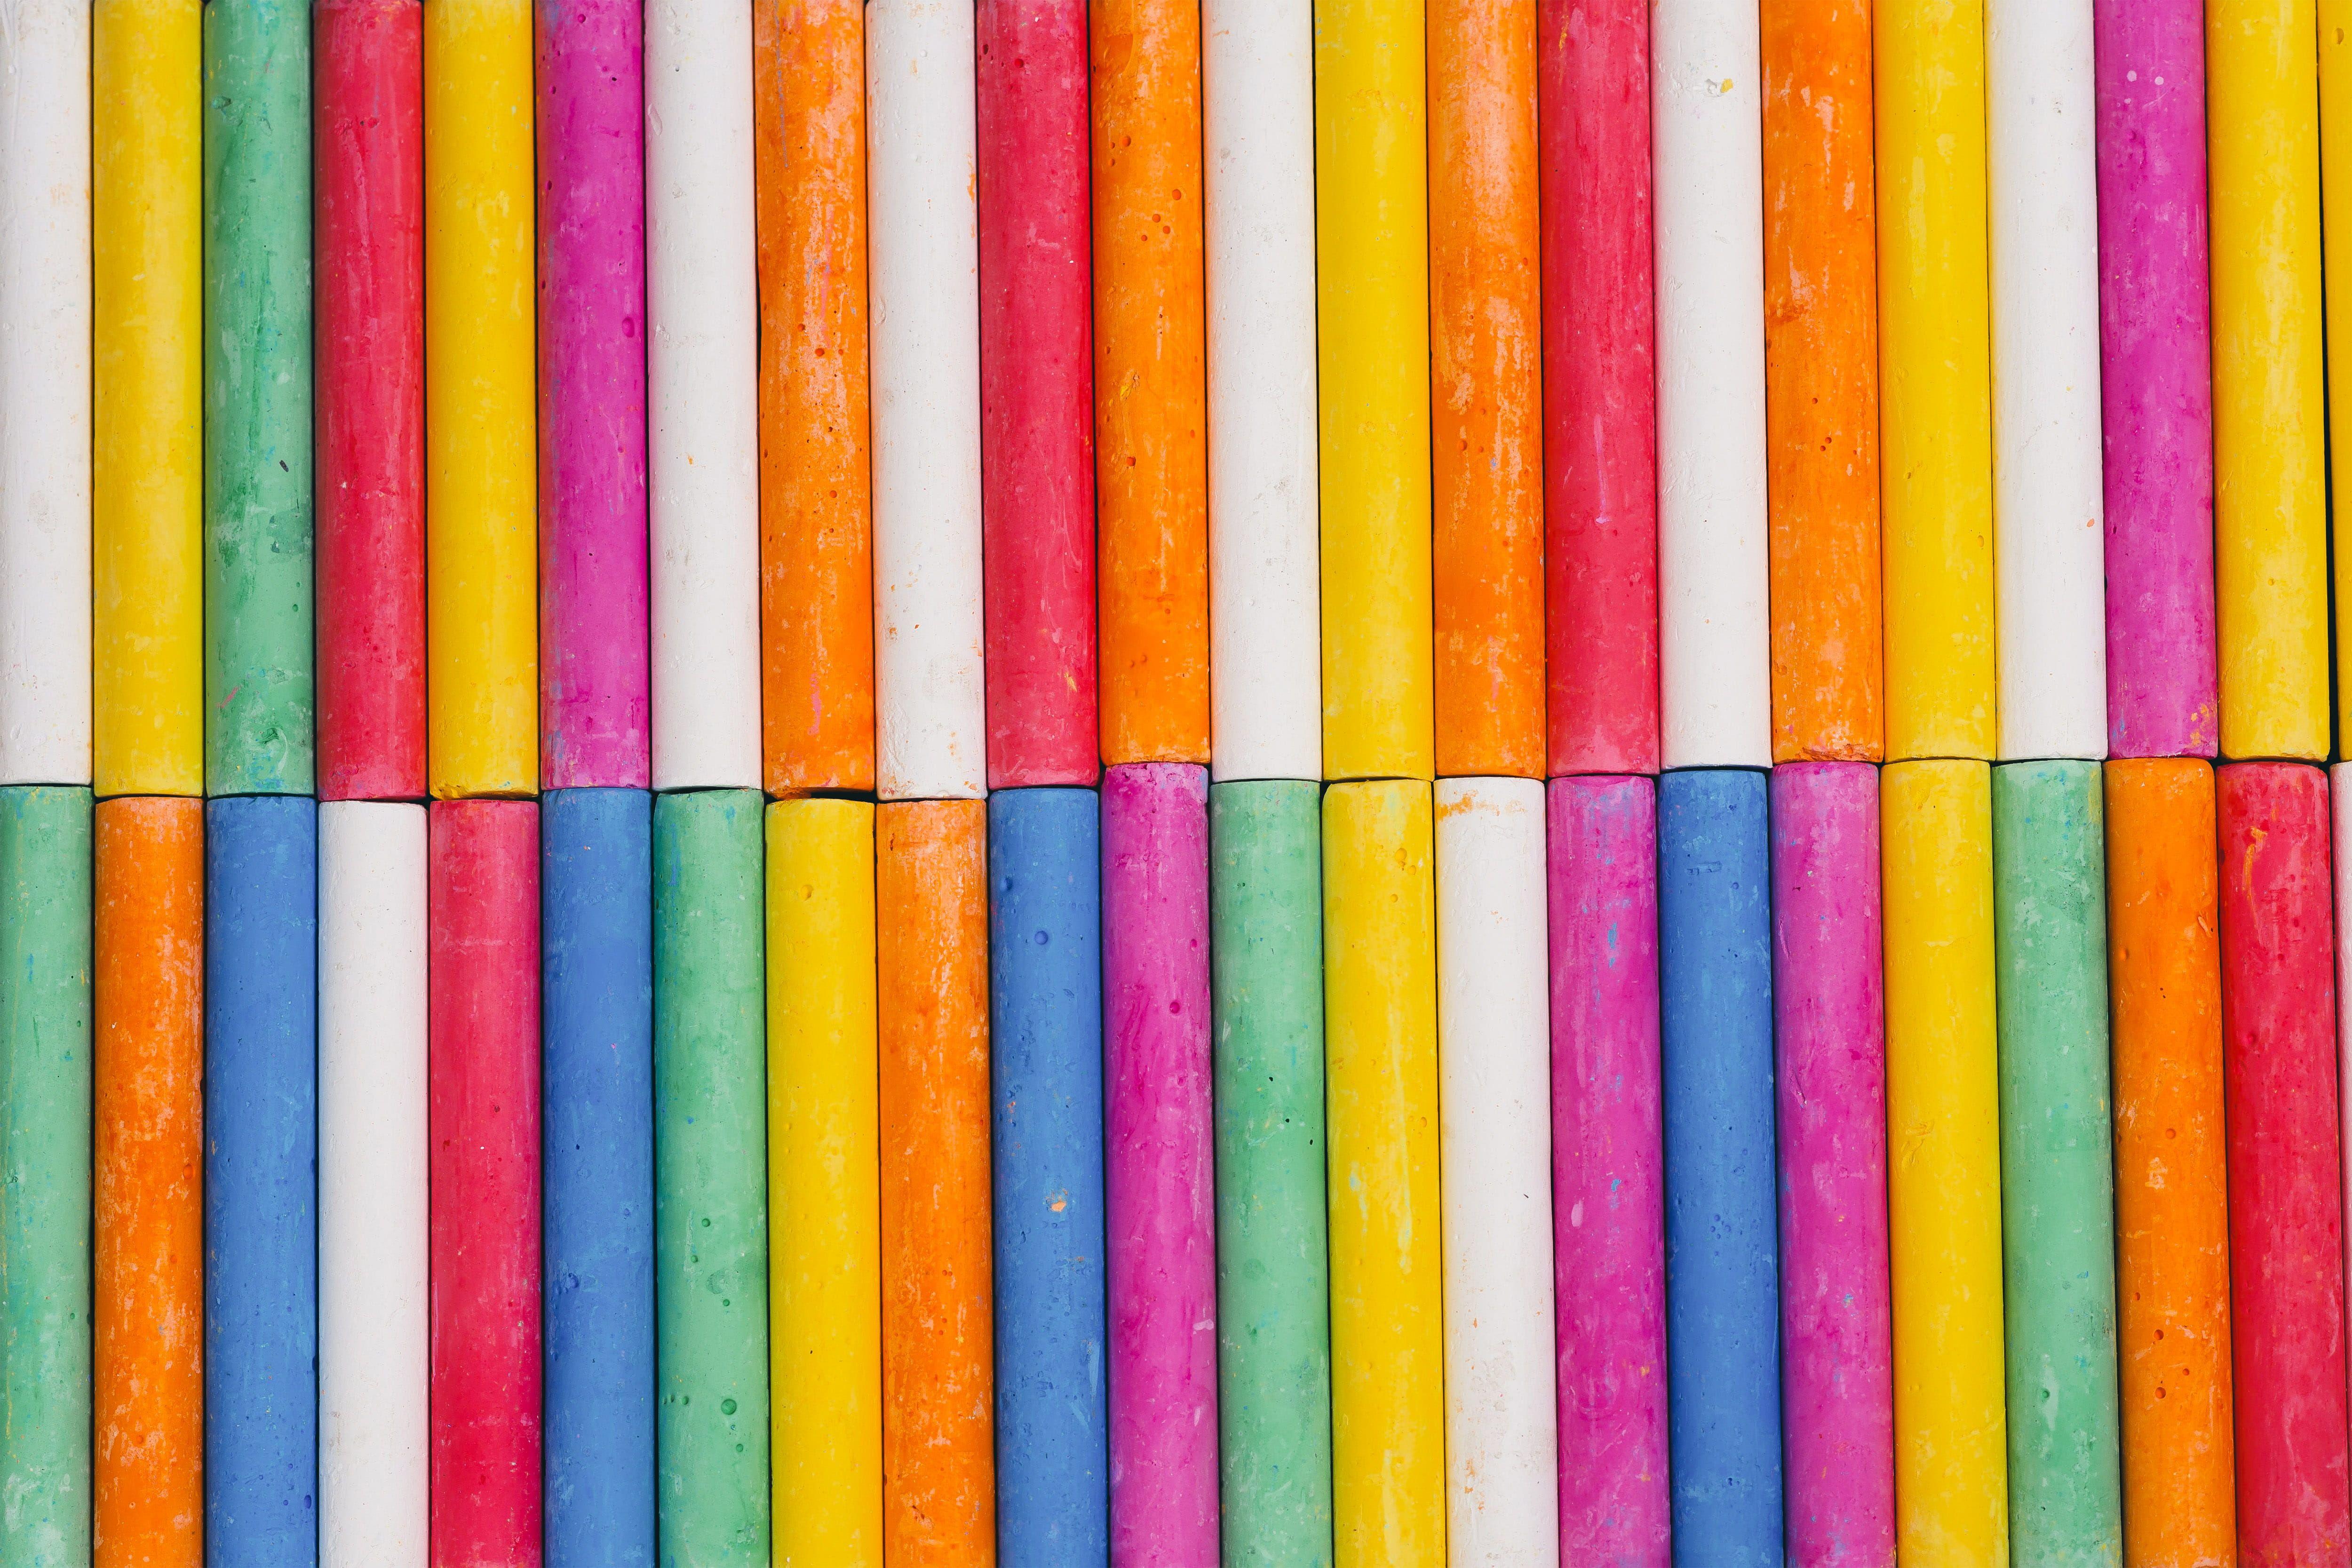 jak kolory wpływają na samopoczucie